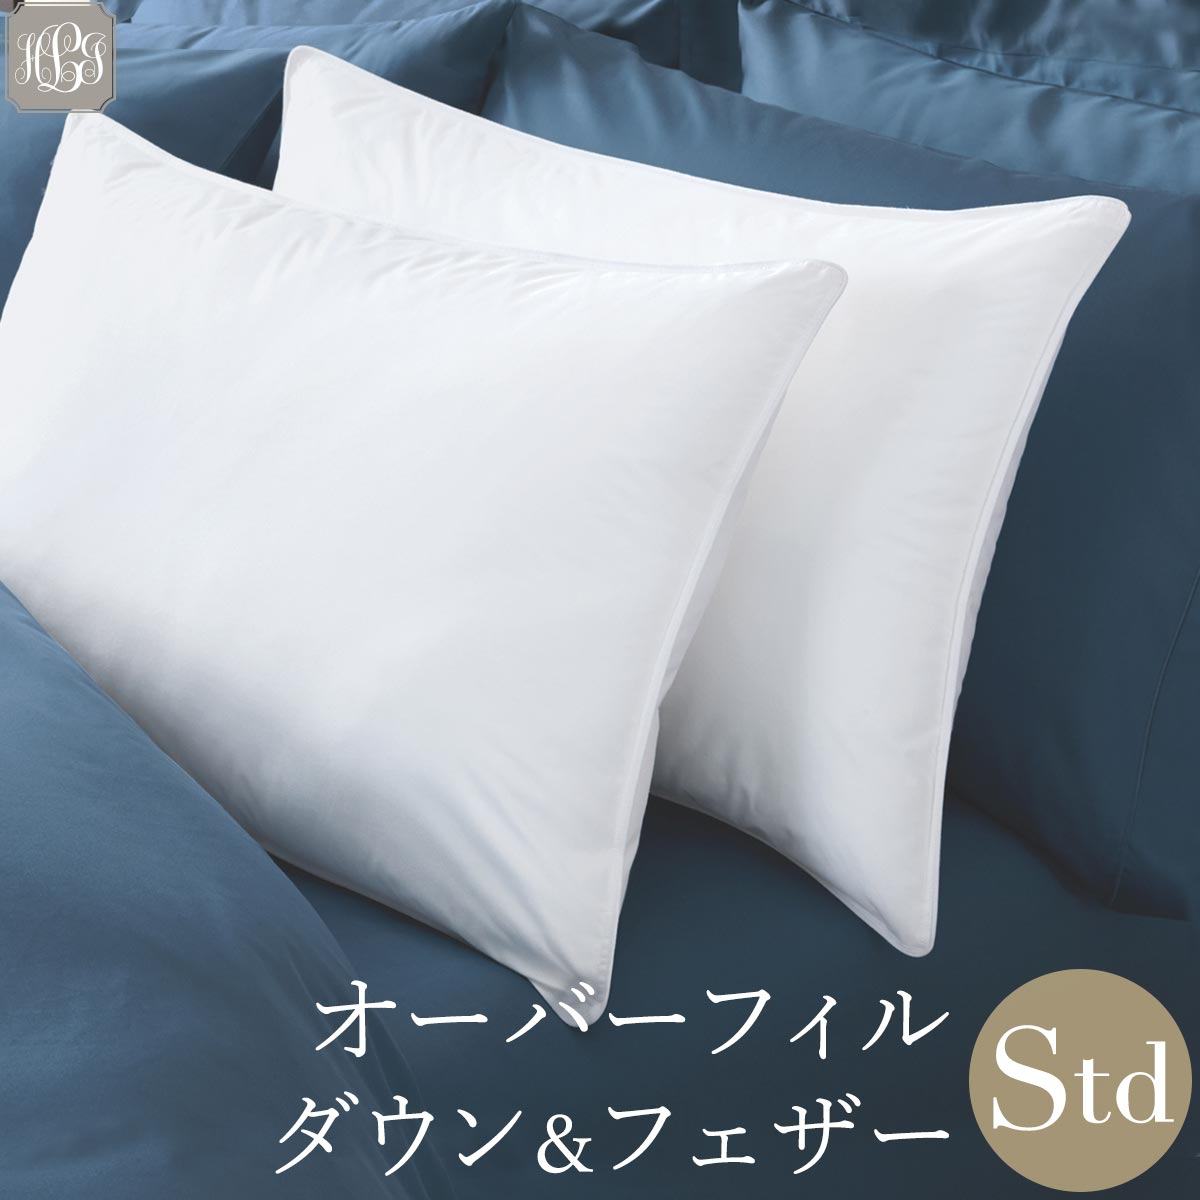 羽毛枕 ダウン50% スタンダード 50cmx66cm オーバーフィル 高級ホテル 高め 綿100% 送料無料